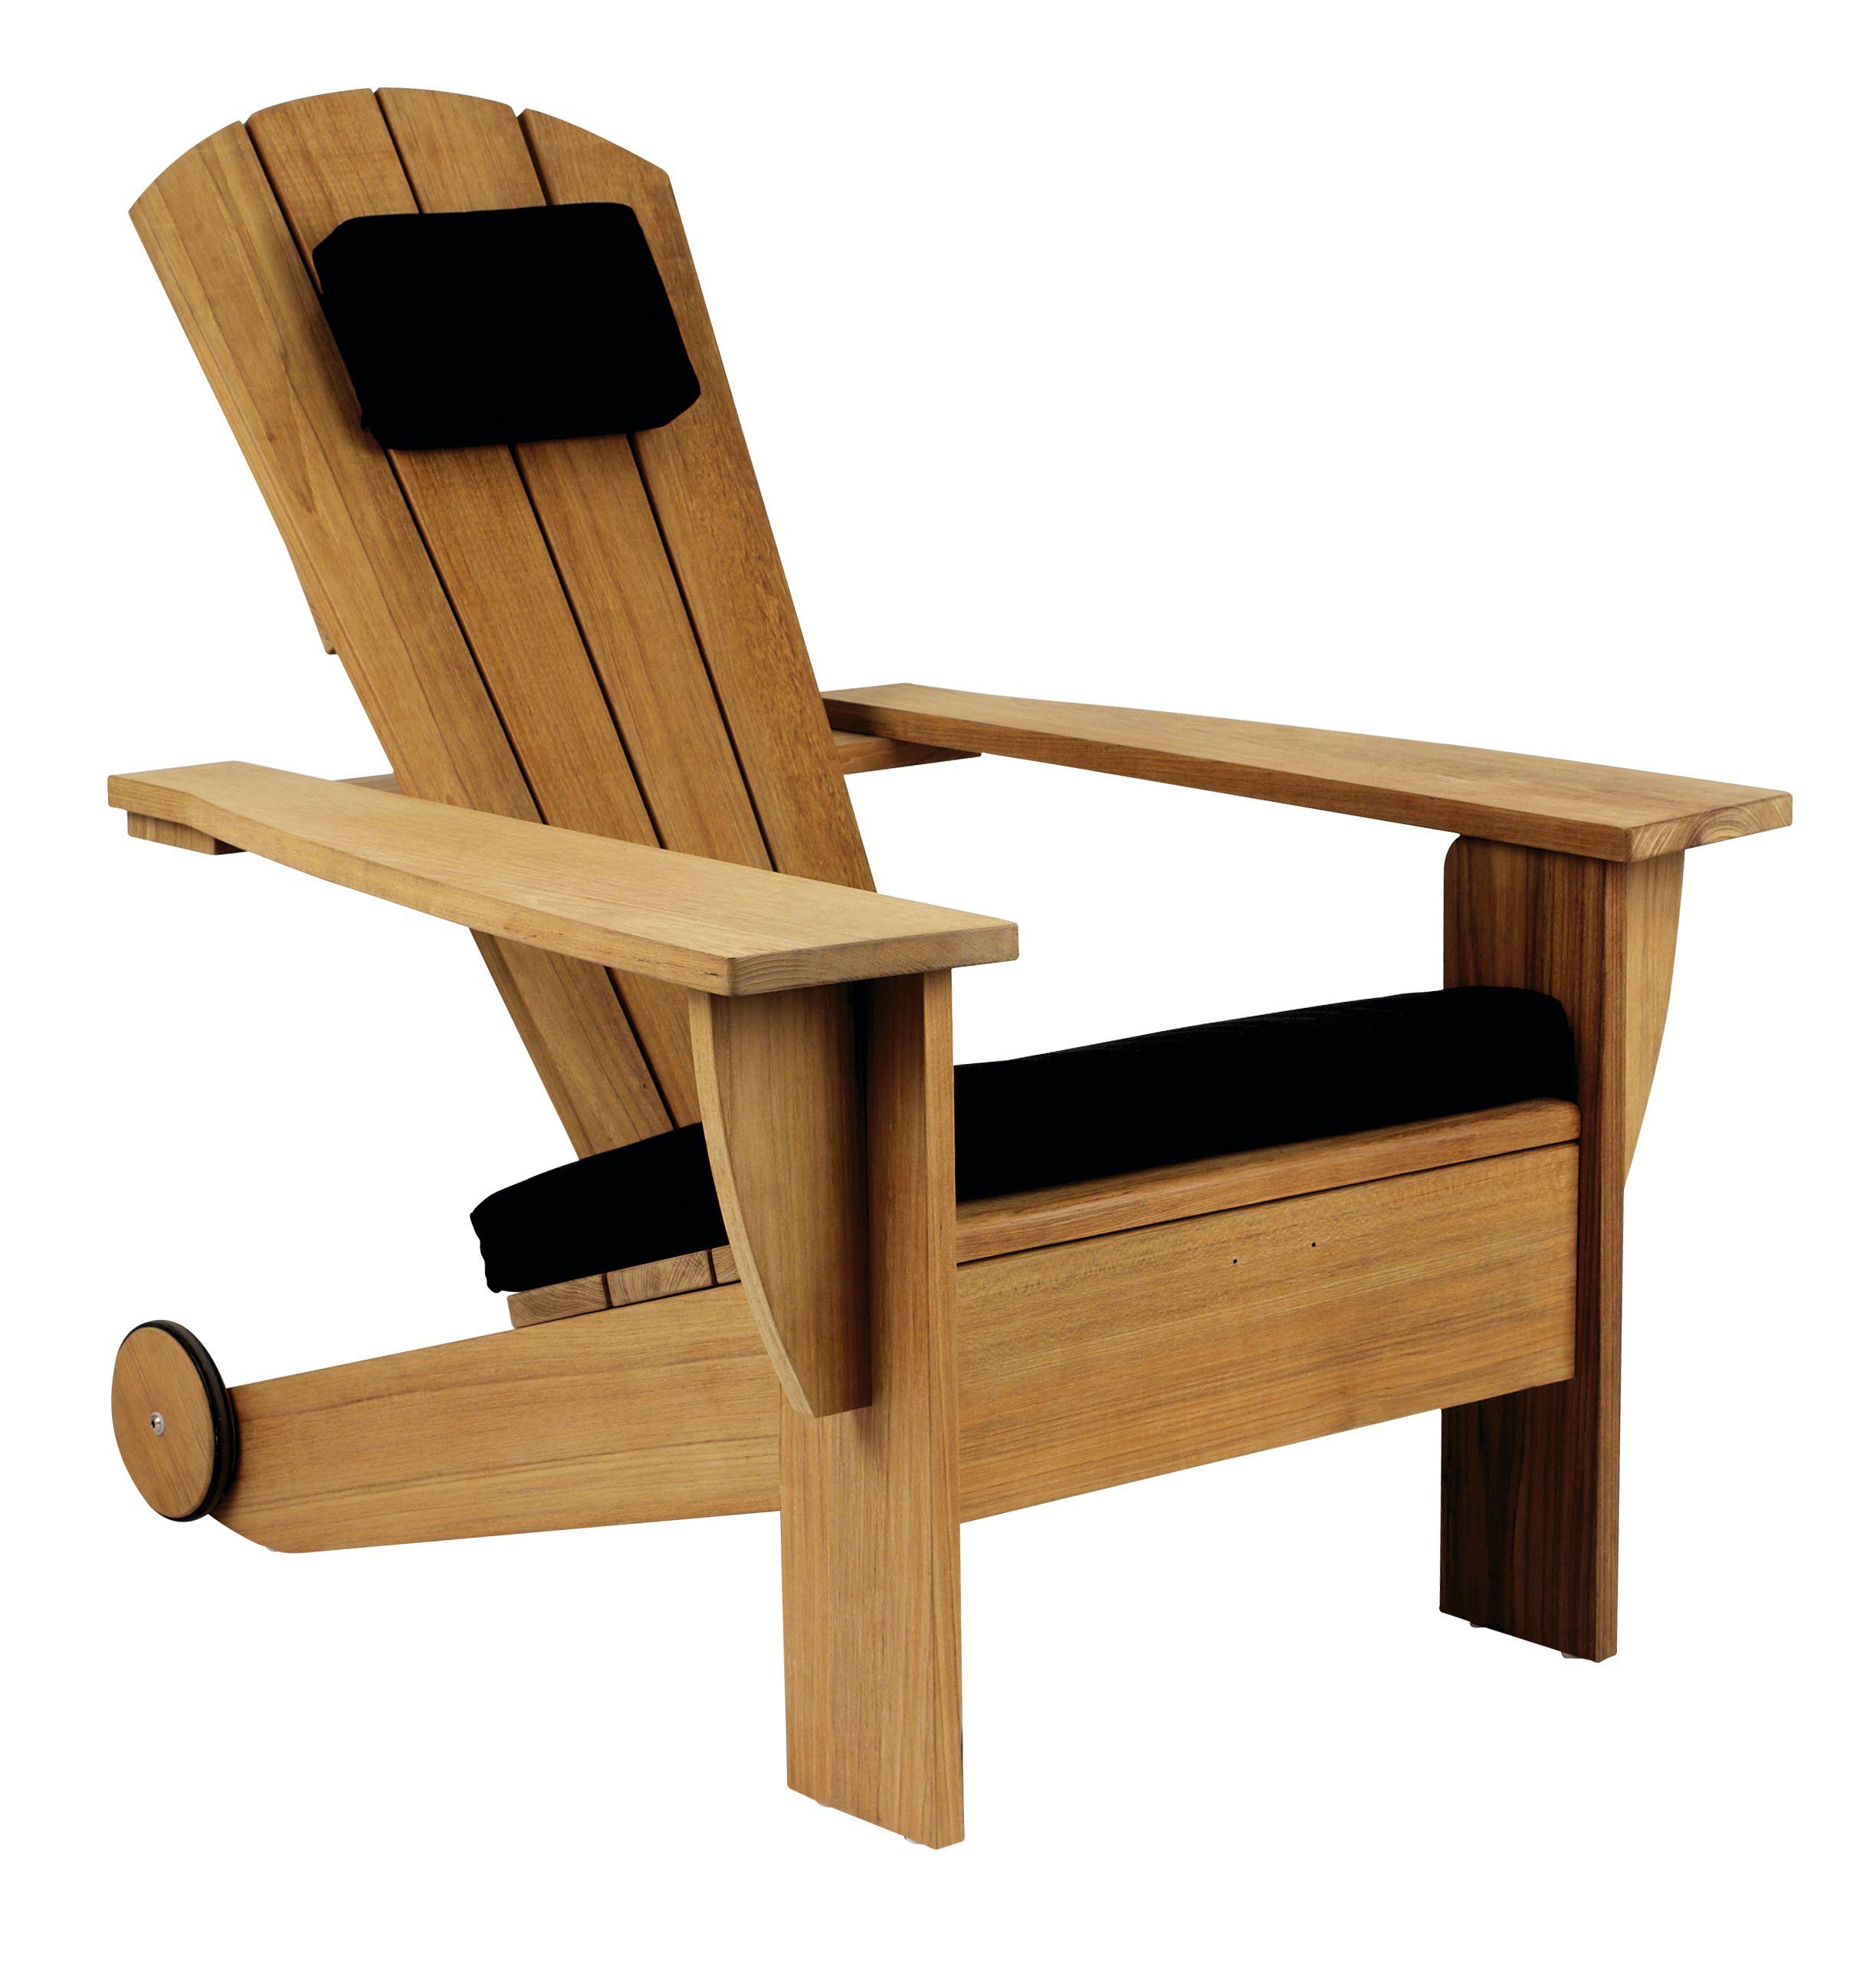 NEH 85 TK lounge chair designed by Kris Van Puyvelde for Royal